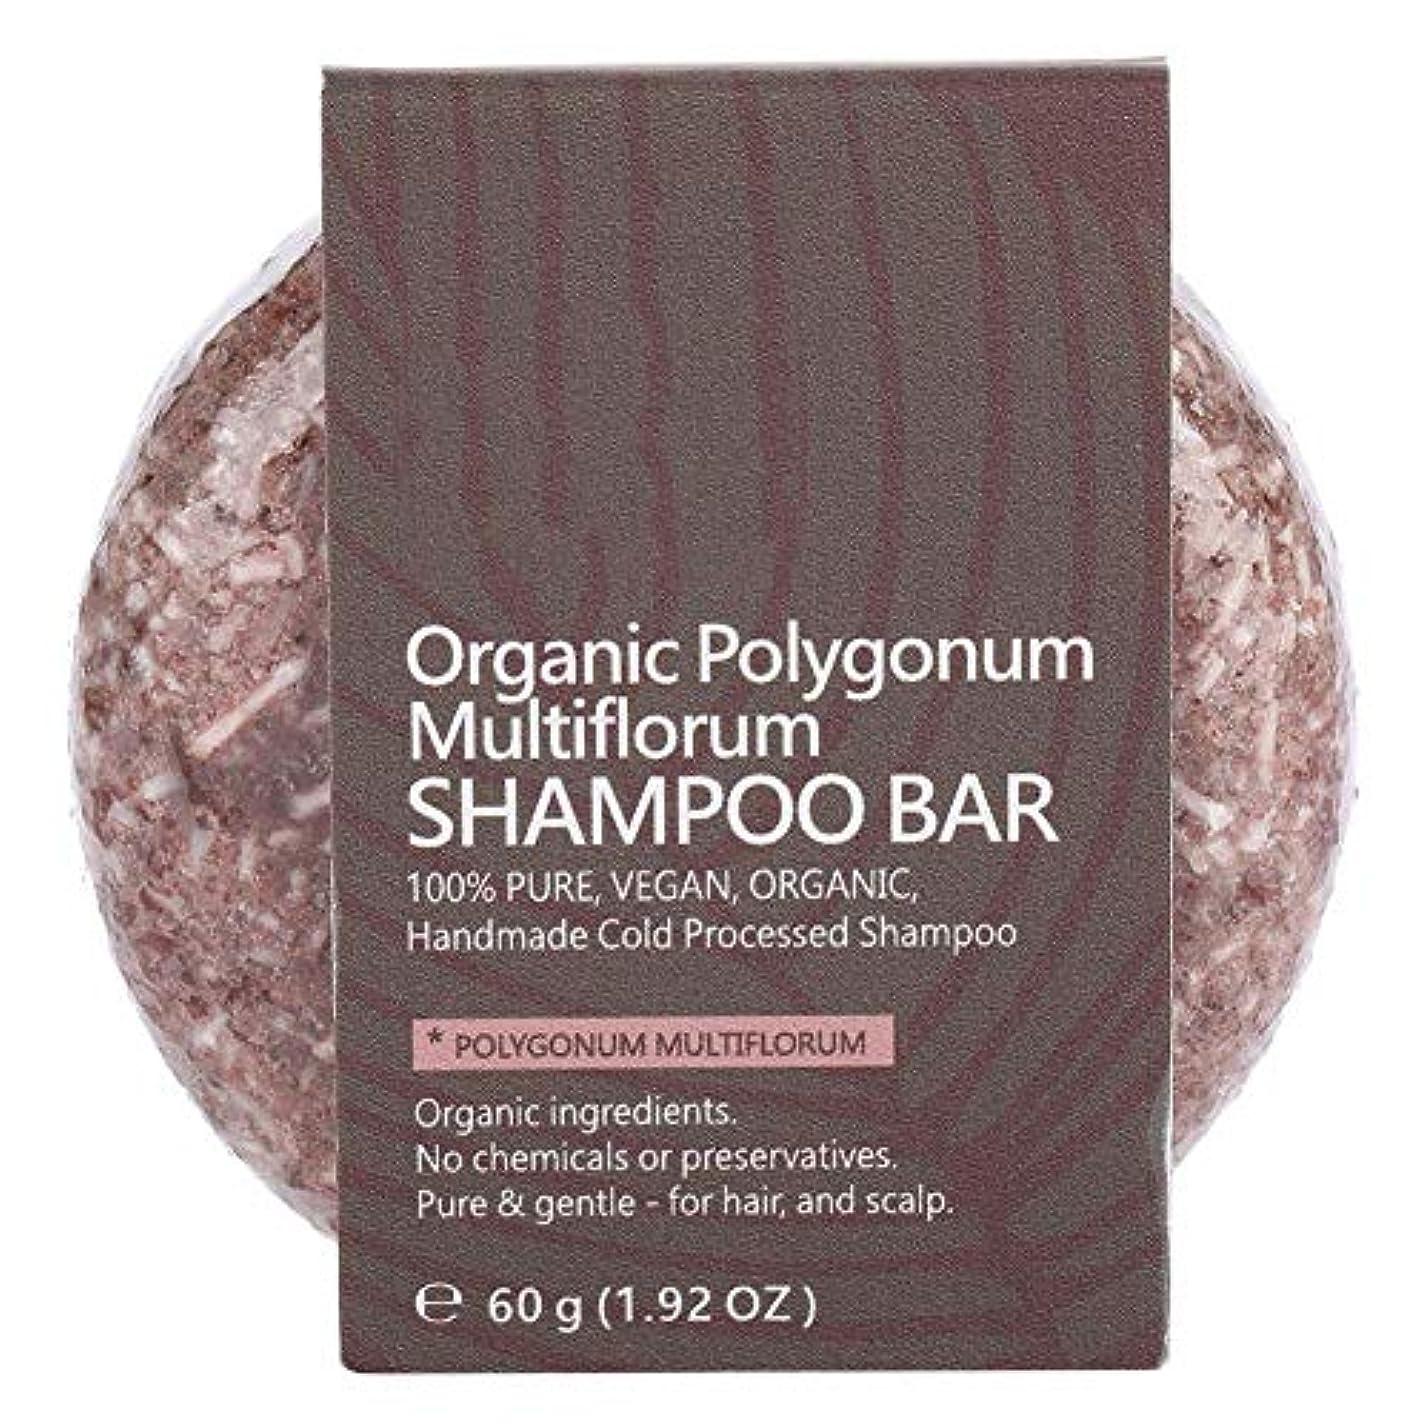 一流インフレーションダイヤルシャンプーバーヘアコンディショナーナチュラル植物エキスエッセンシャルオイルヘアシャンプーソープナイトシャンプーヘアトリートメント (ポリゴンム)